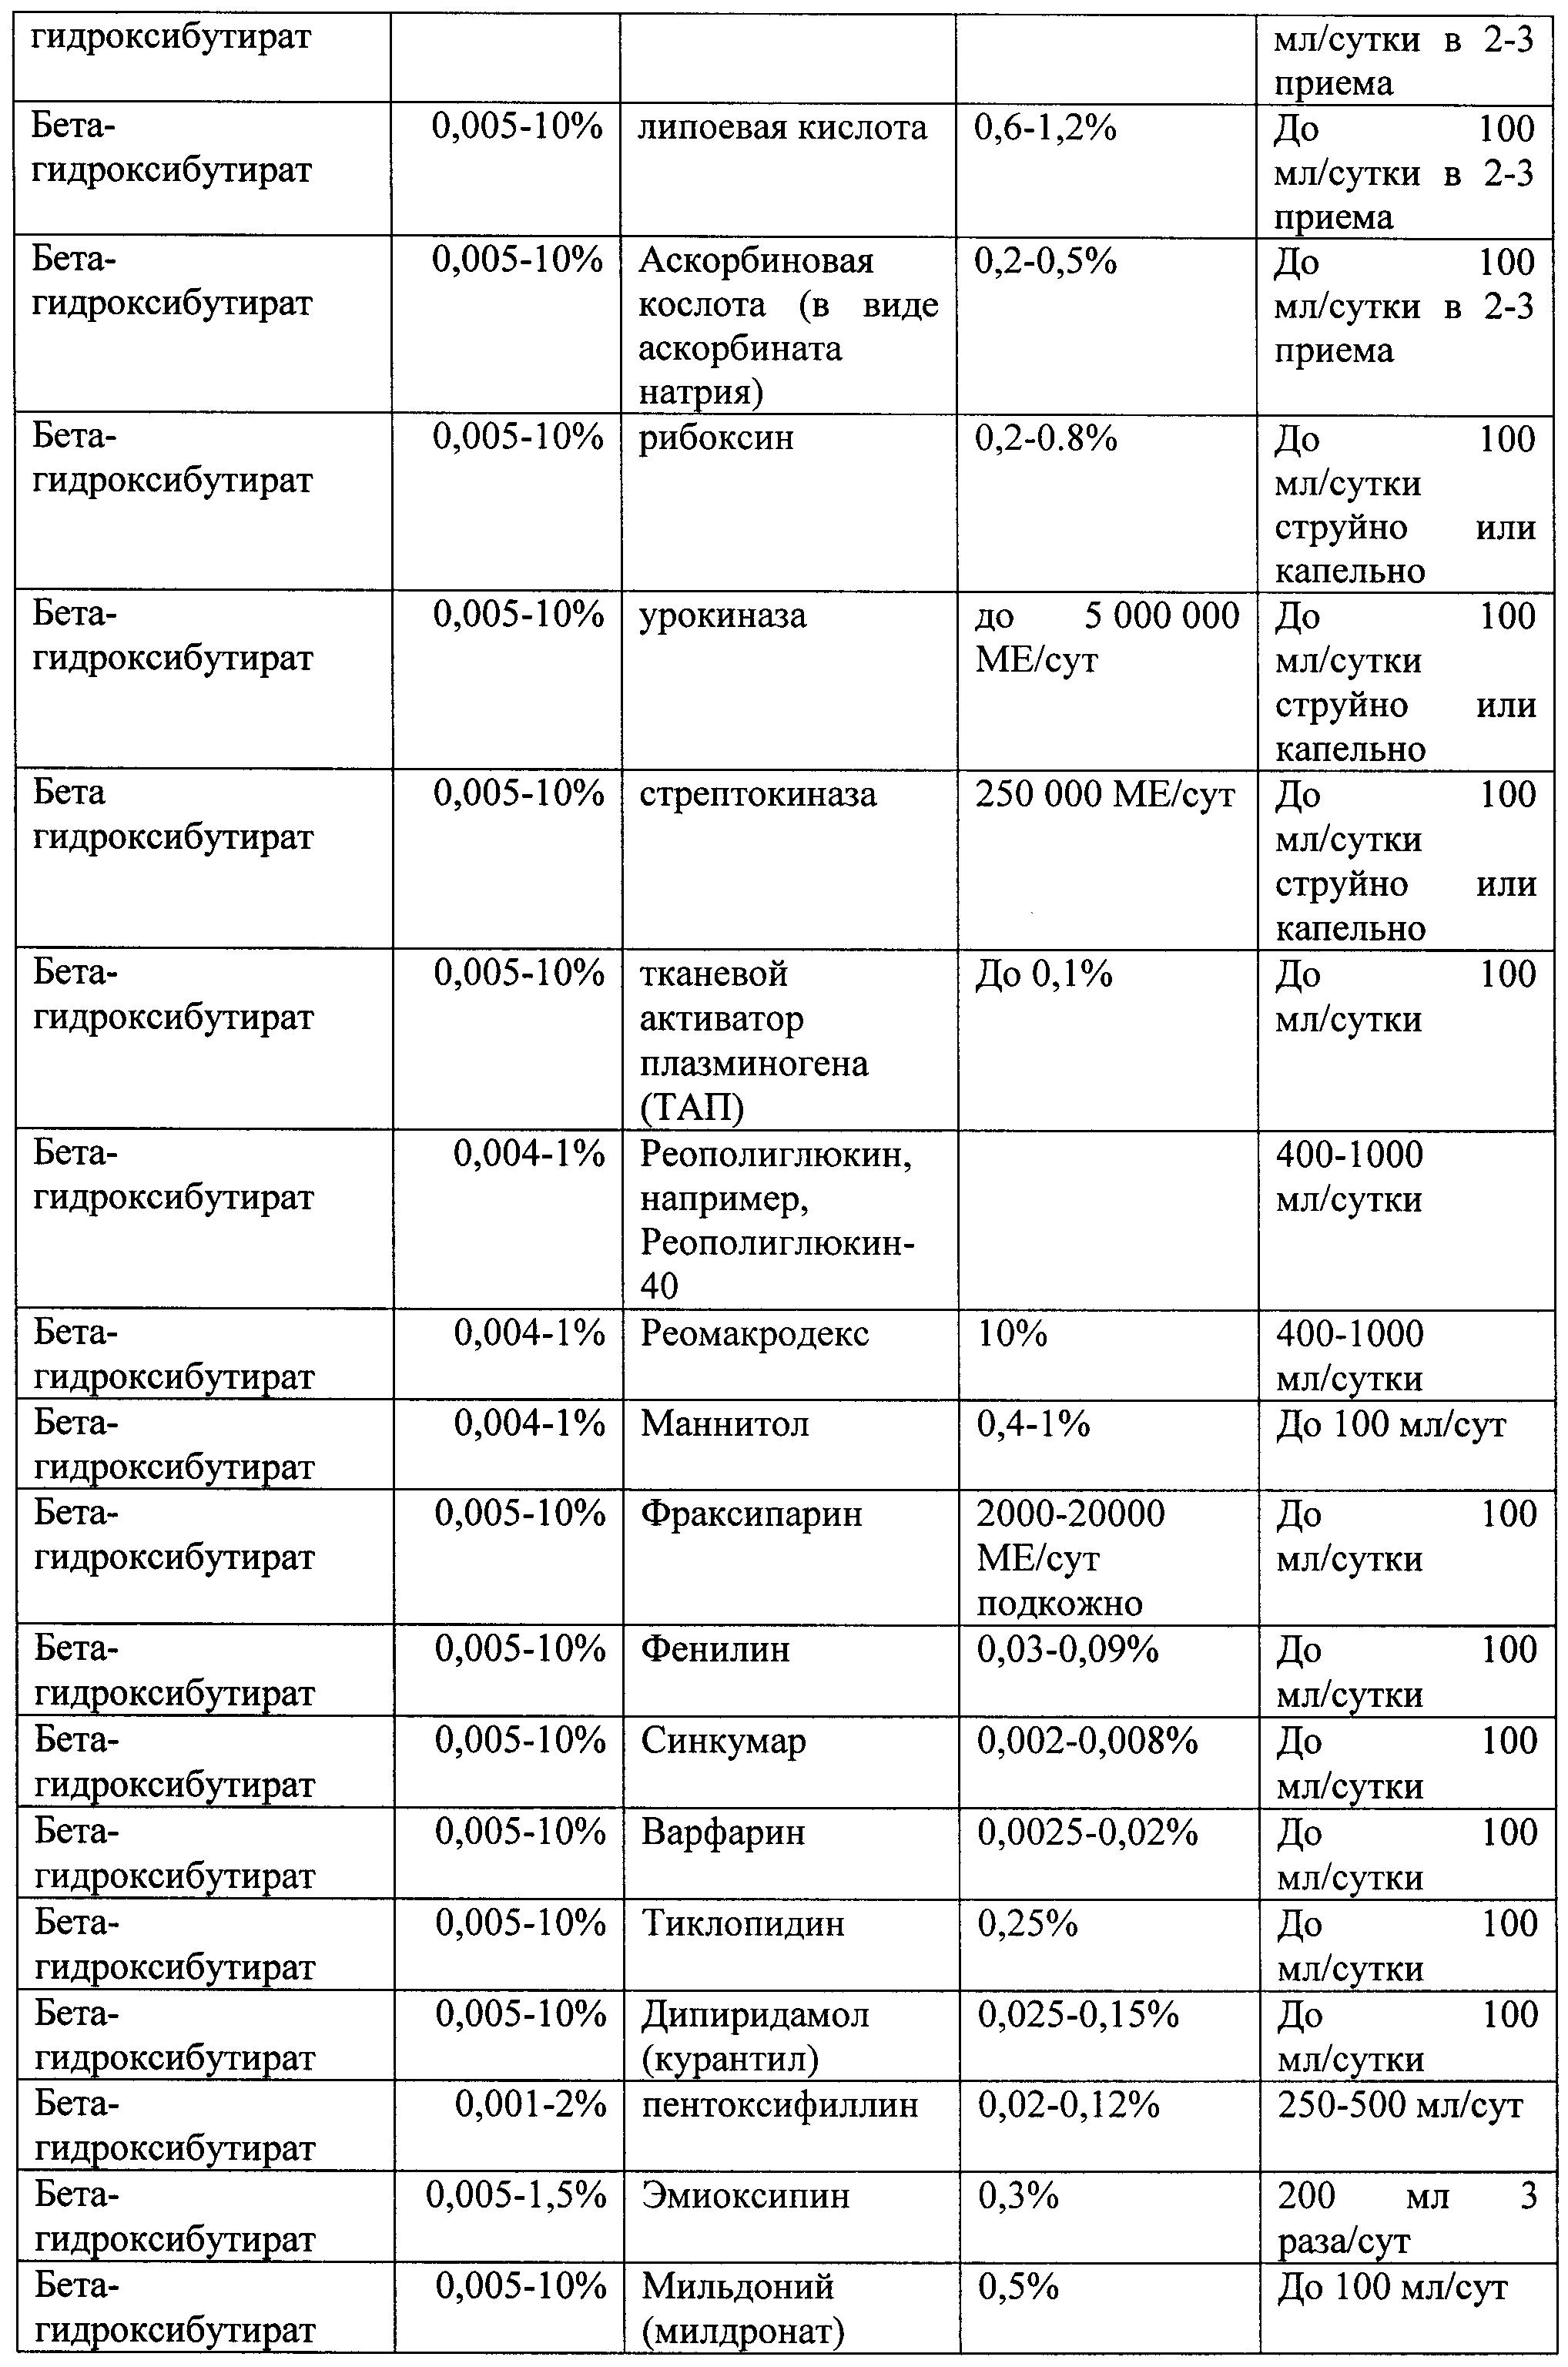 Az Ascorutin mellékhatásai